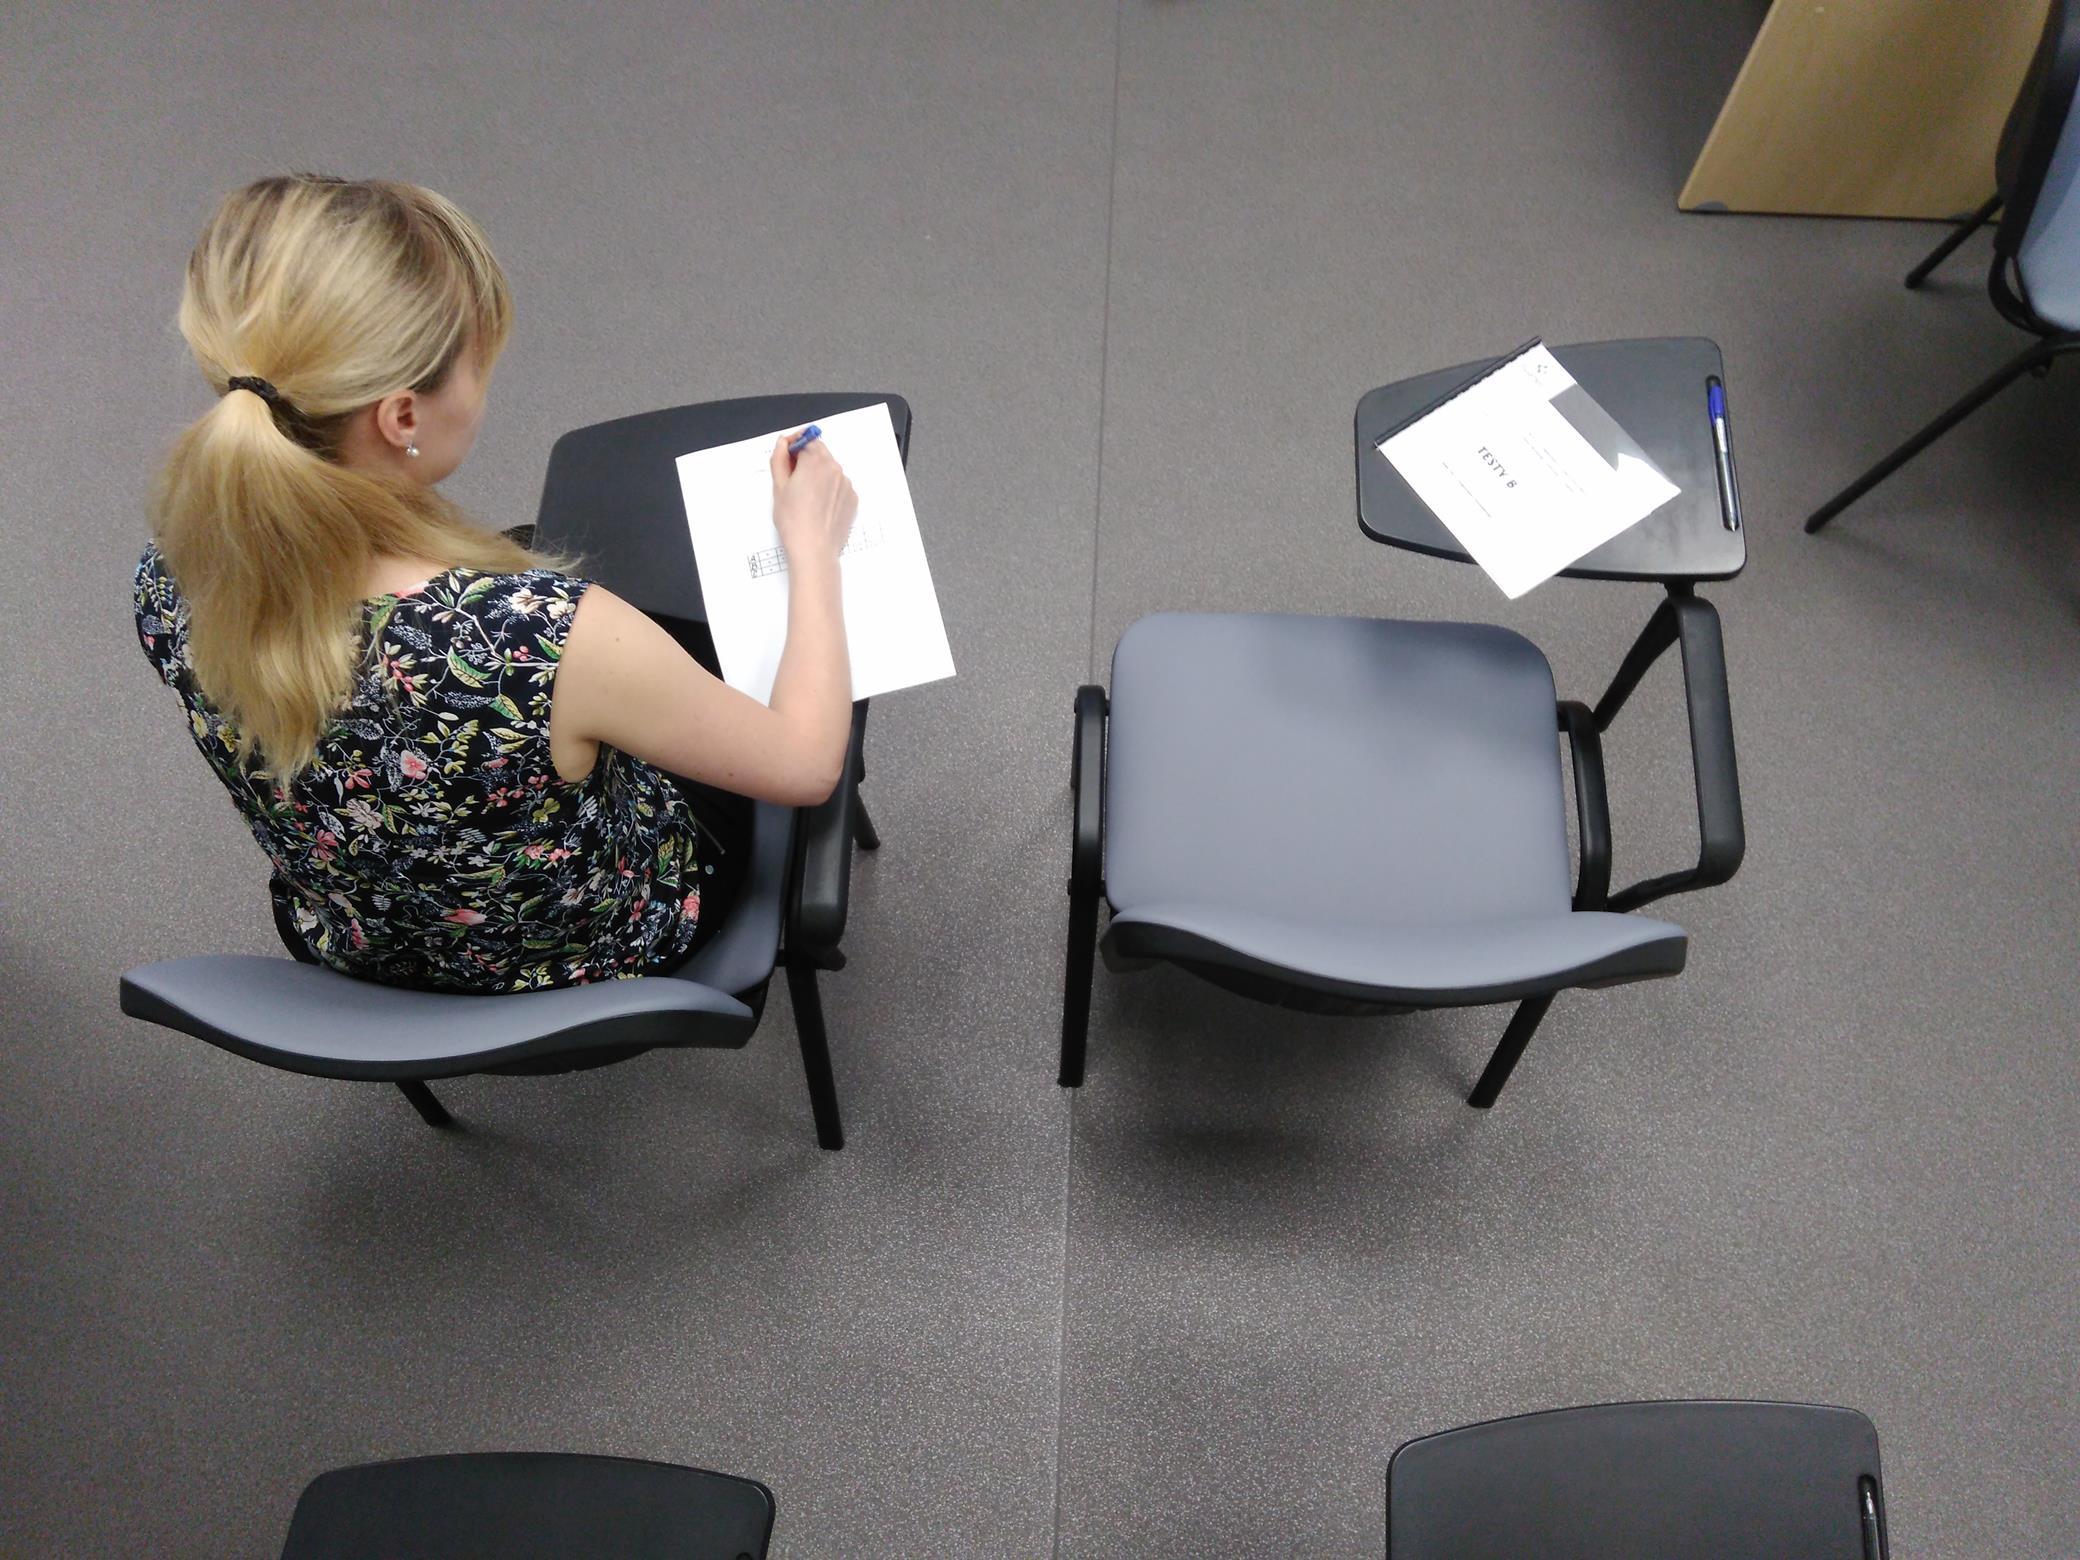 Badanie psychotechniczne - testy psychologiczne